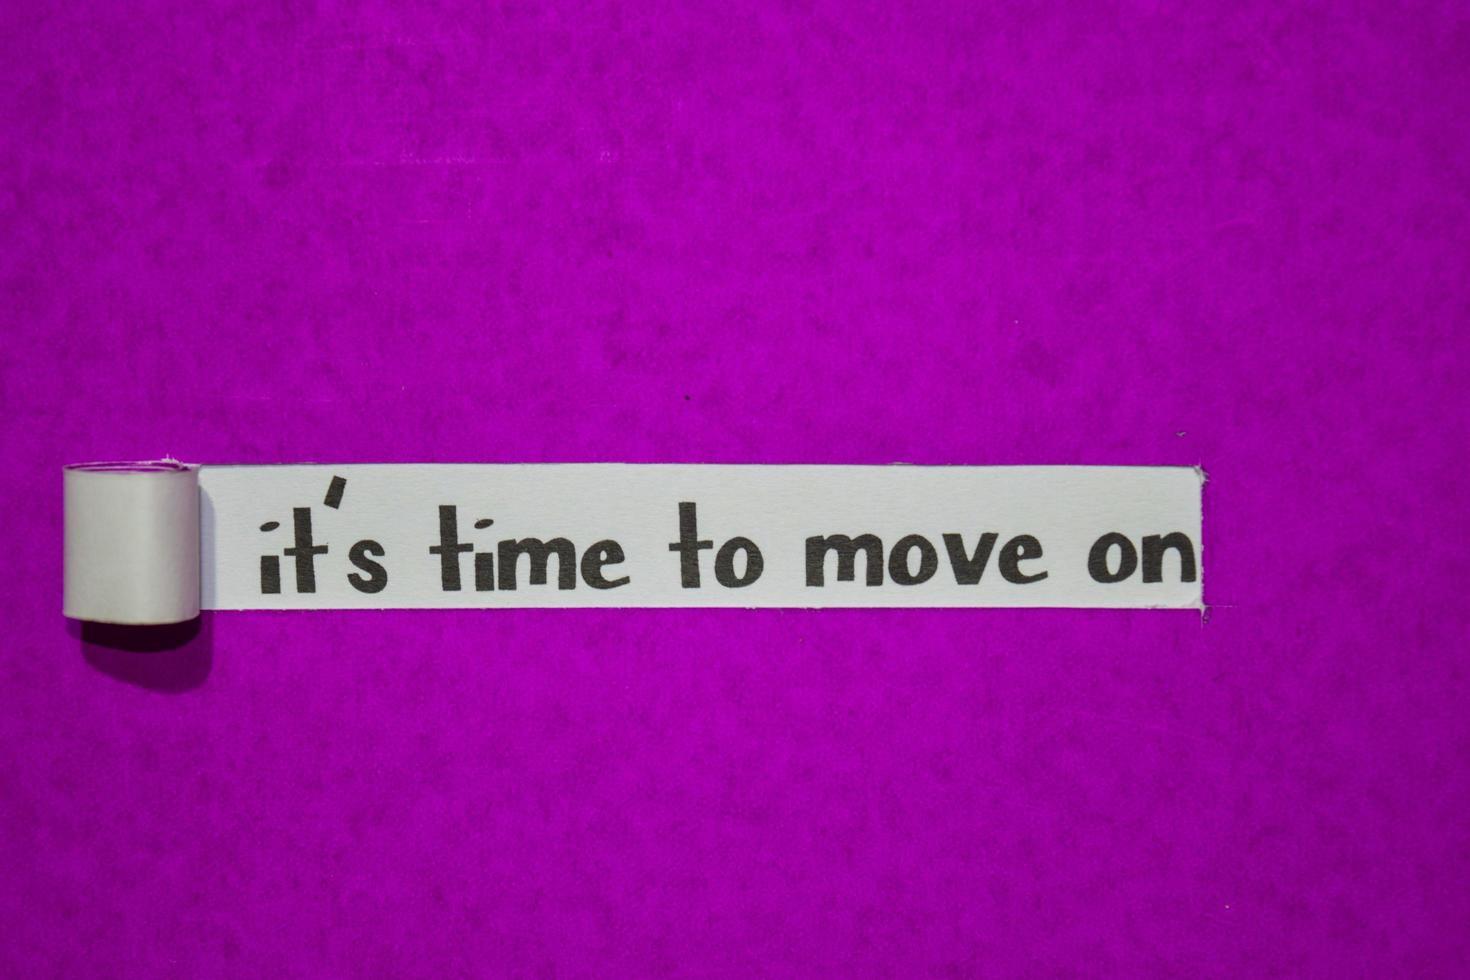 het is tijd om verder te gaan met tekst, inspiratie, motivatie en bedrijfsconcept op paars gescheurd papier foto